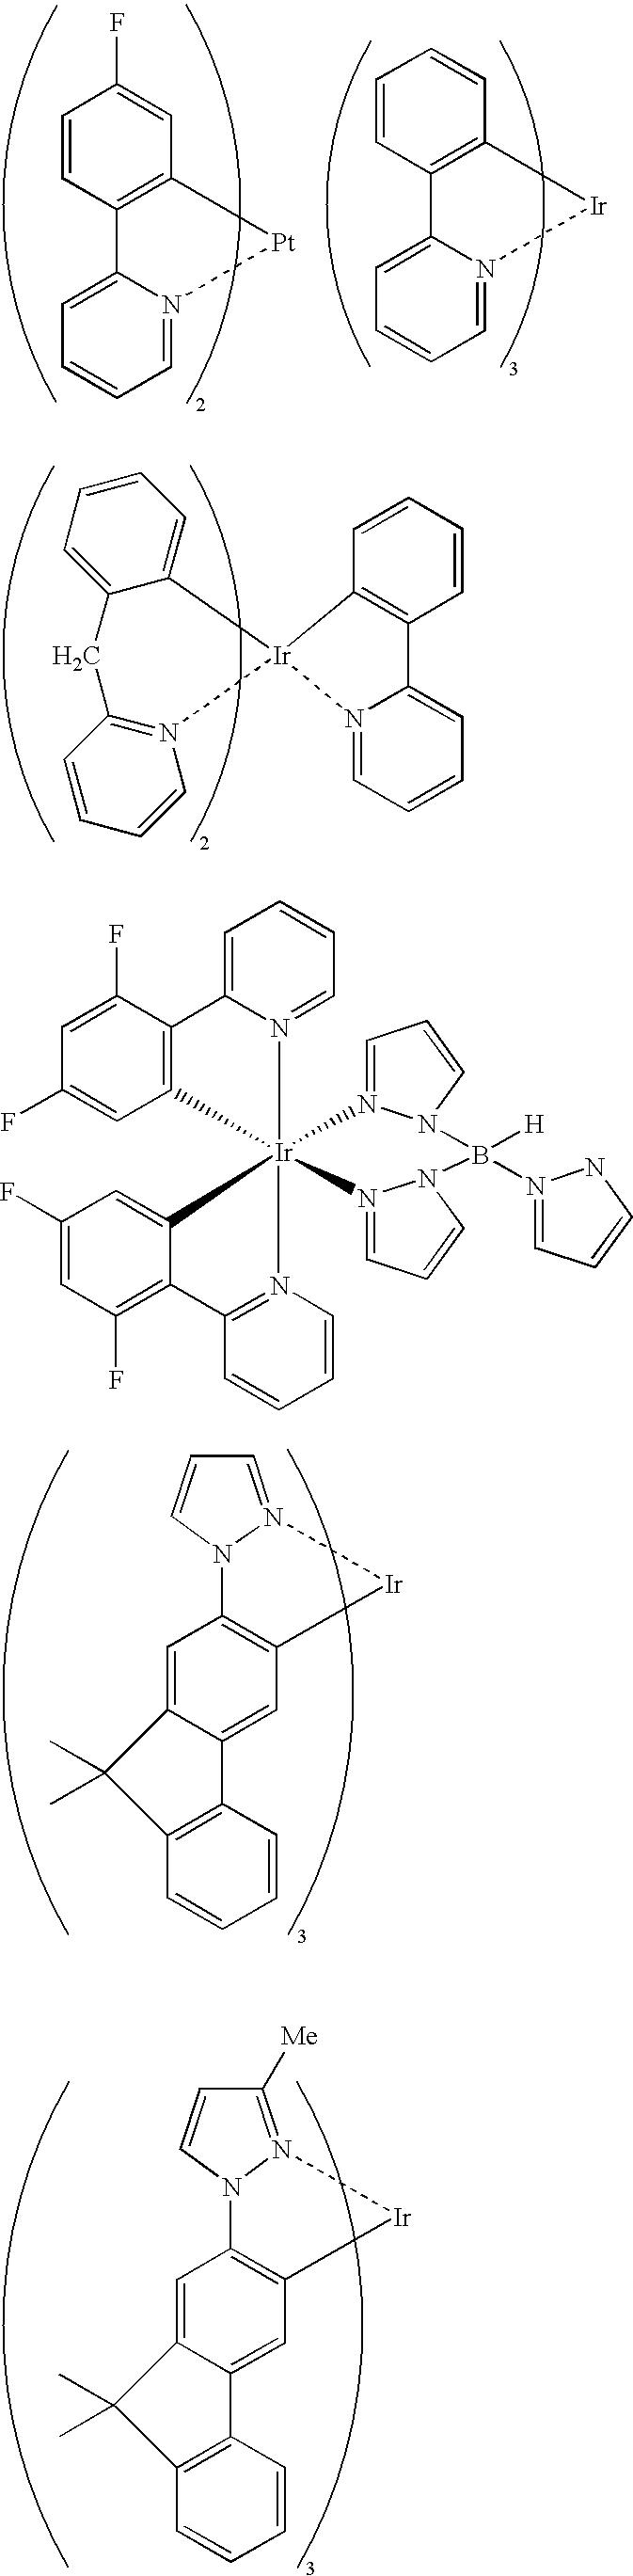 Figure US20070069638A1-20070329-C00003